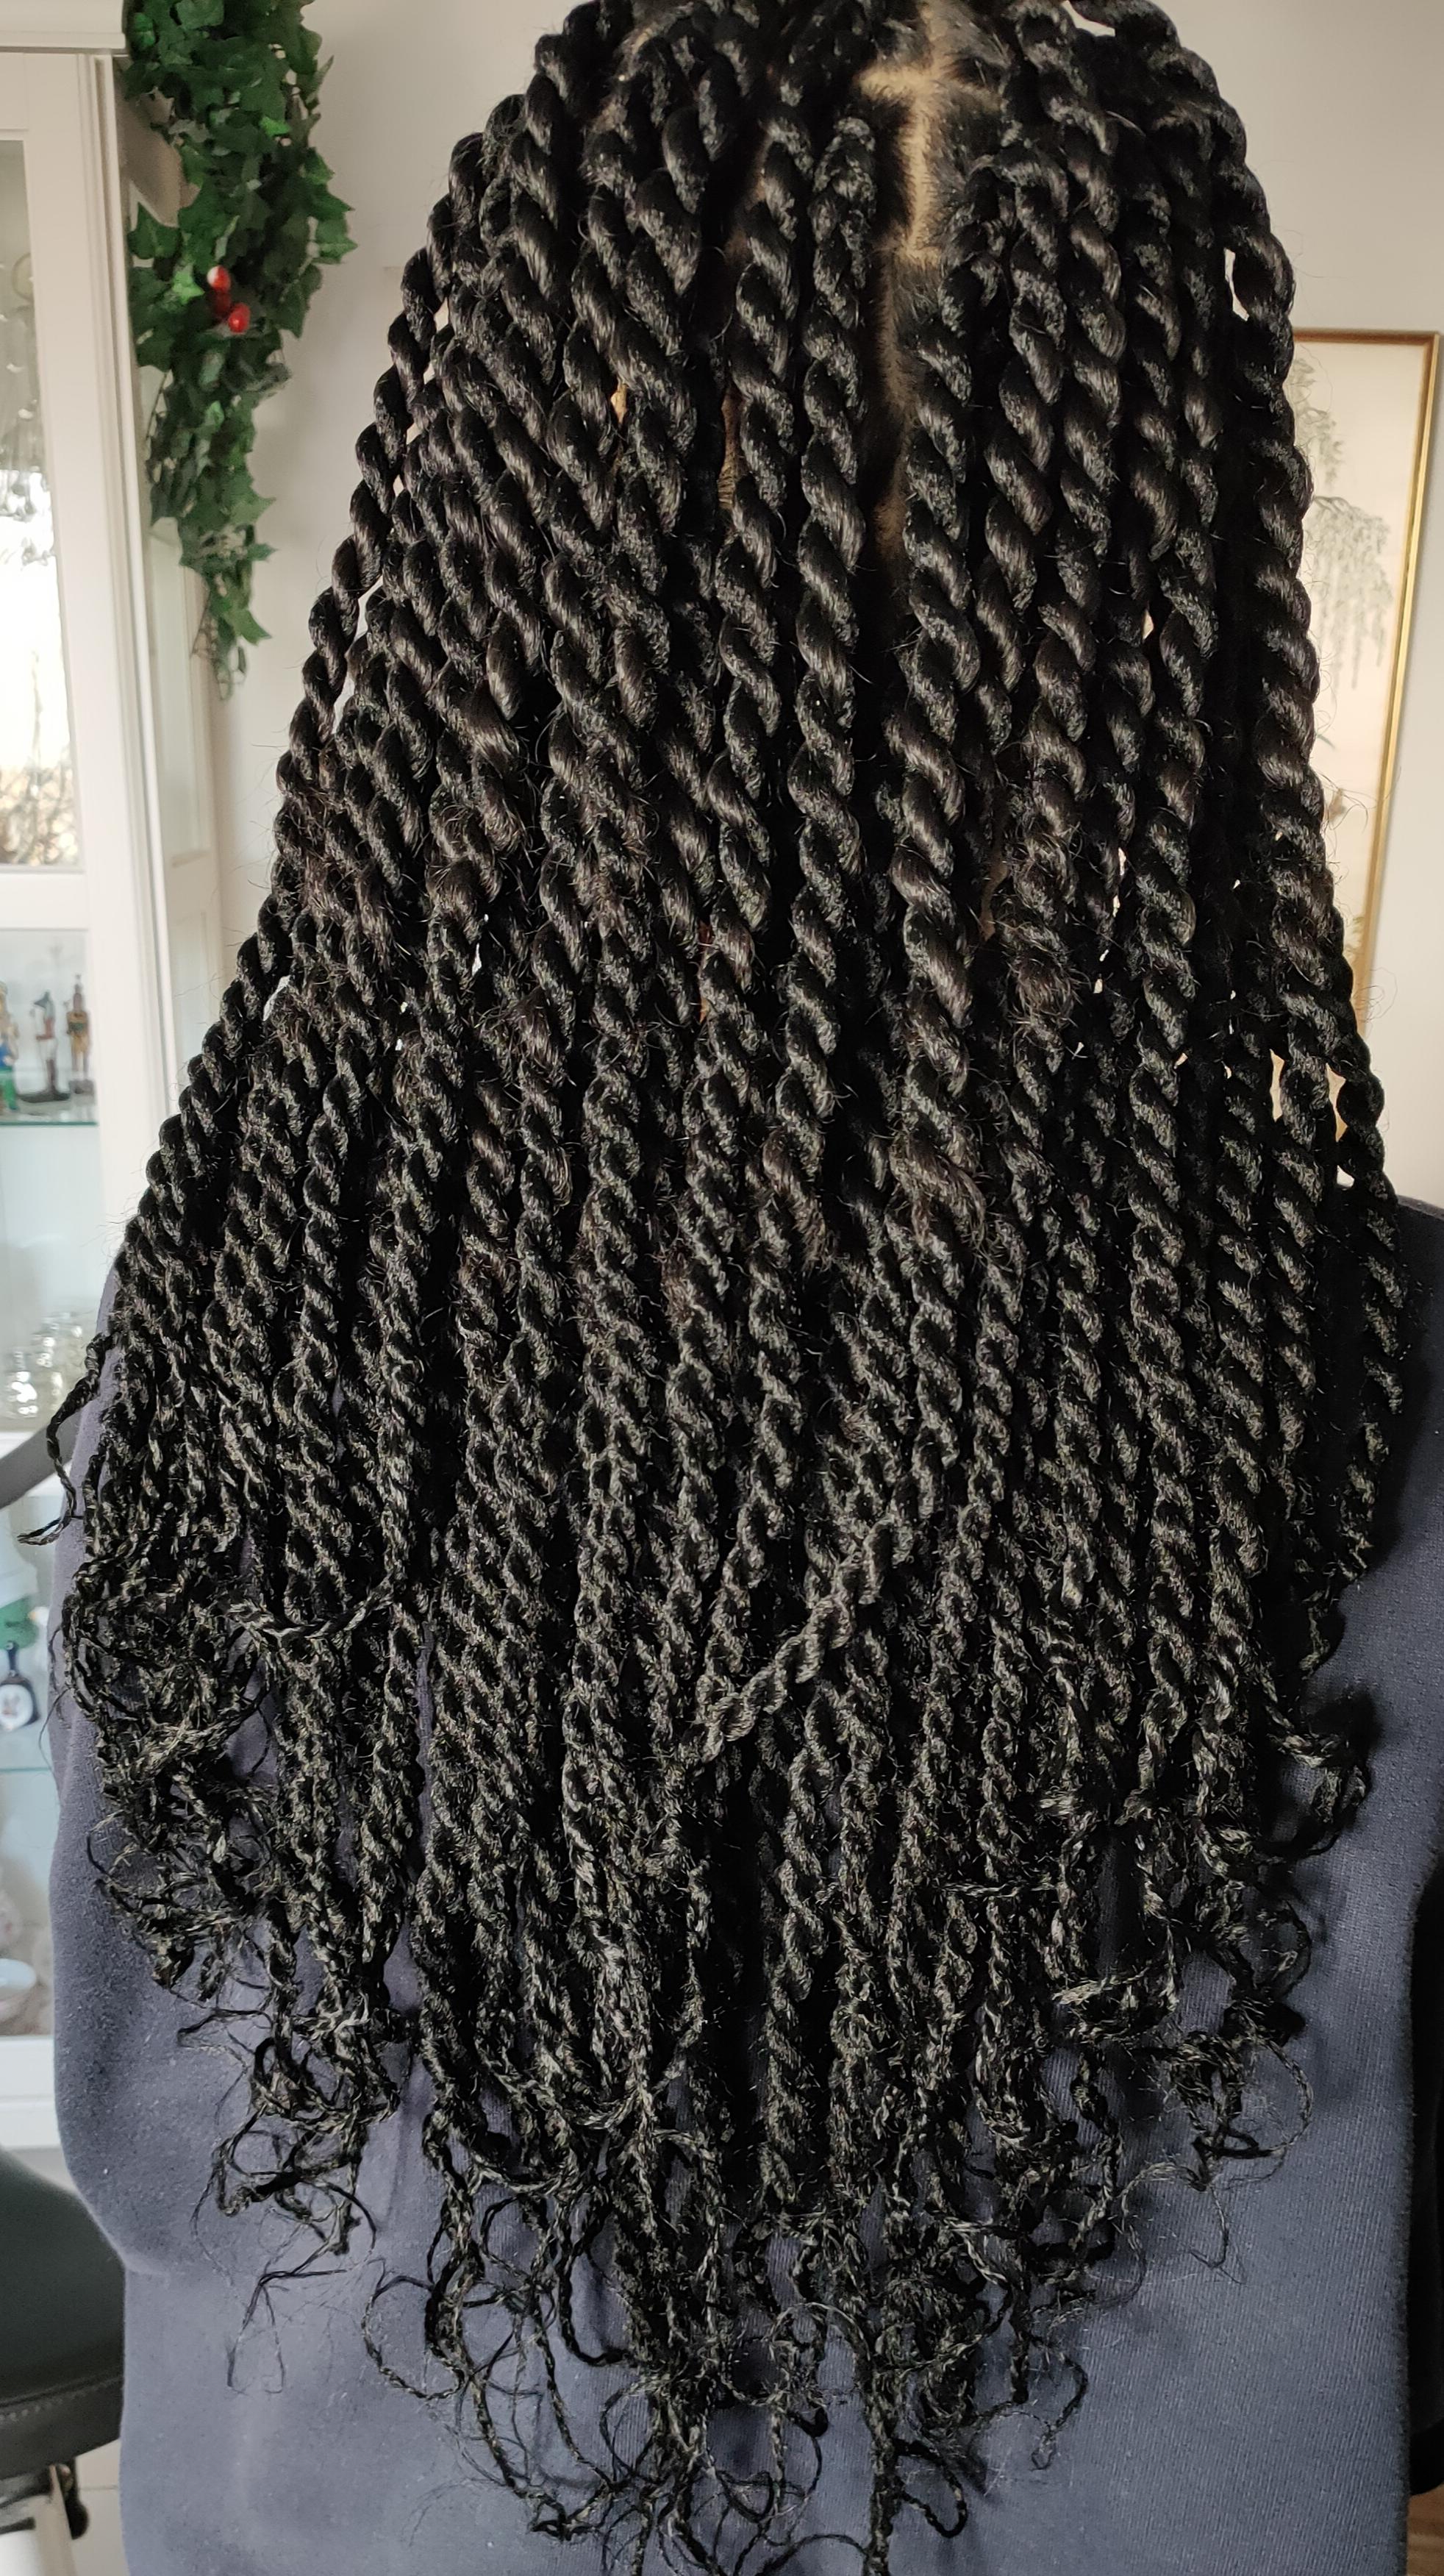 salon de coiffure afro tresse tresses box braids crochet braids vanilles tissages paris 75 77 78 91 92 93 94 95 HUWQJZRW